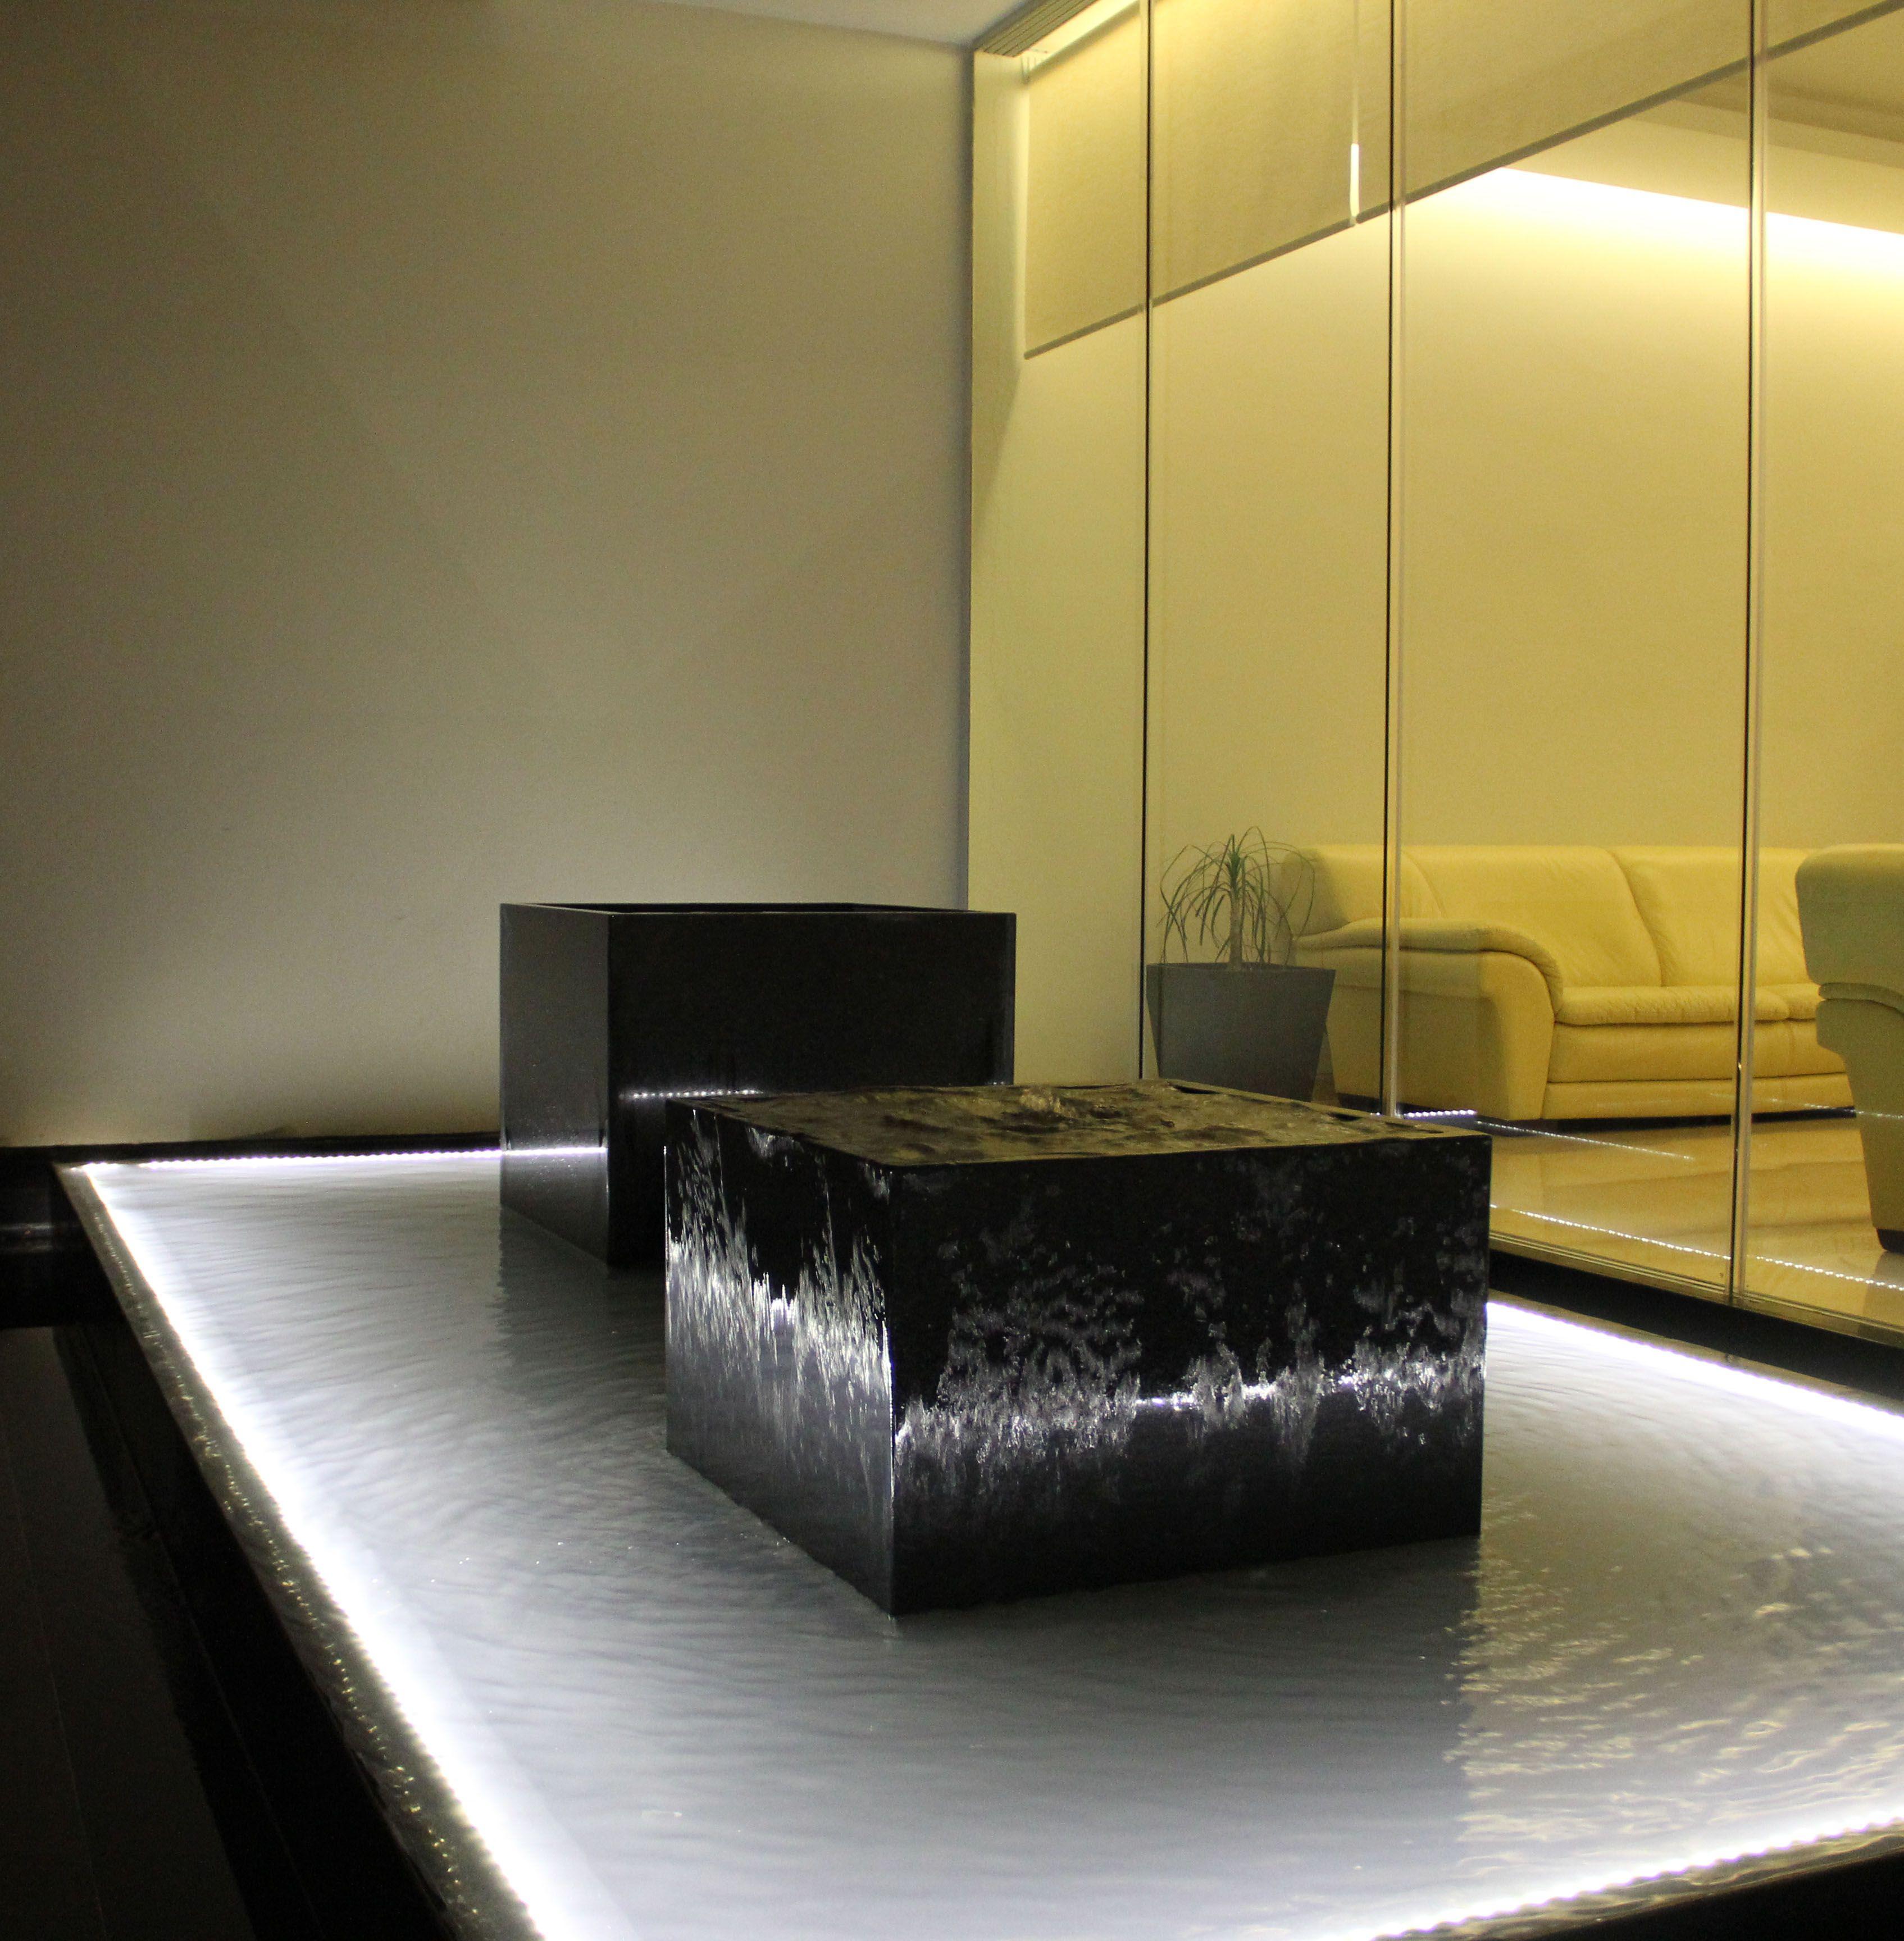 Espejo de agua recepcion pinterest espejo de agua for Espejos en interiores